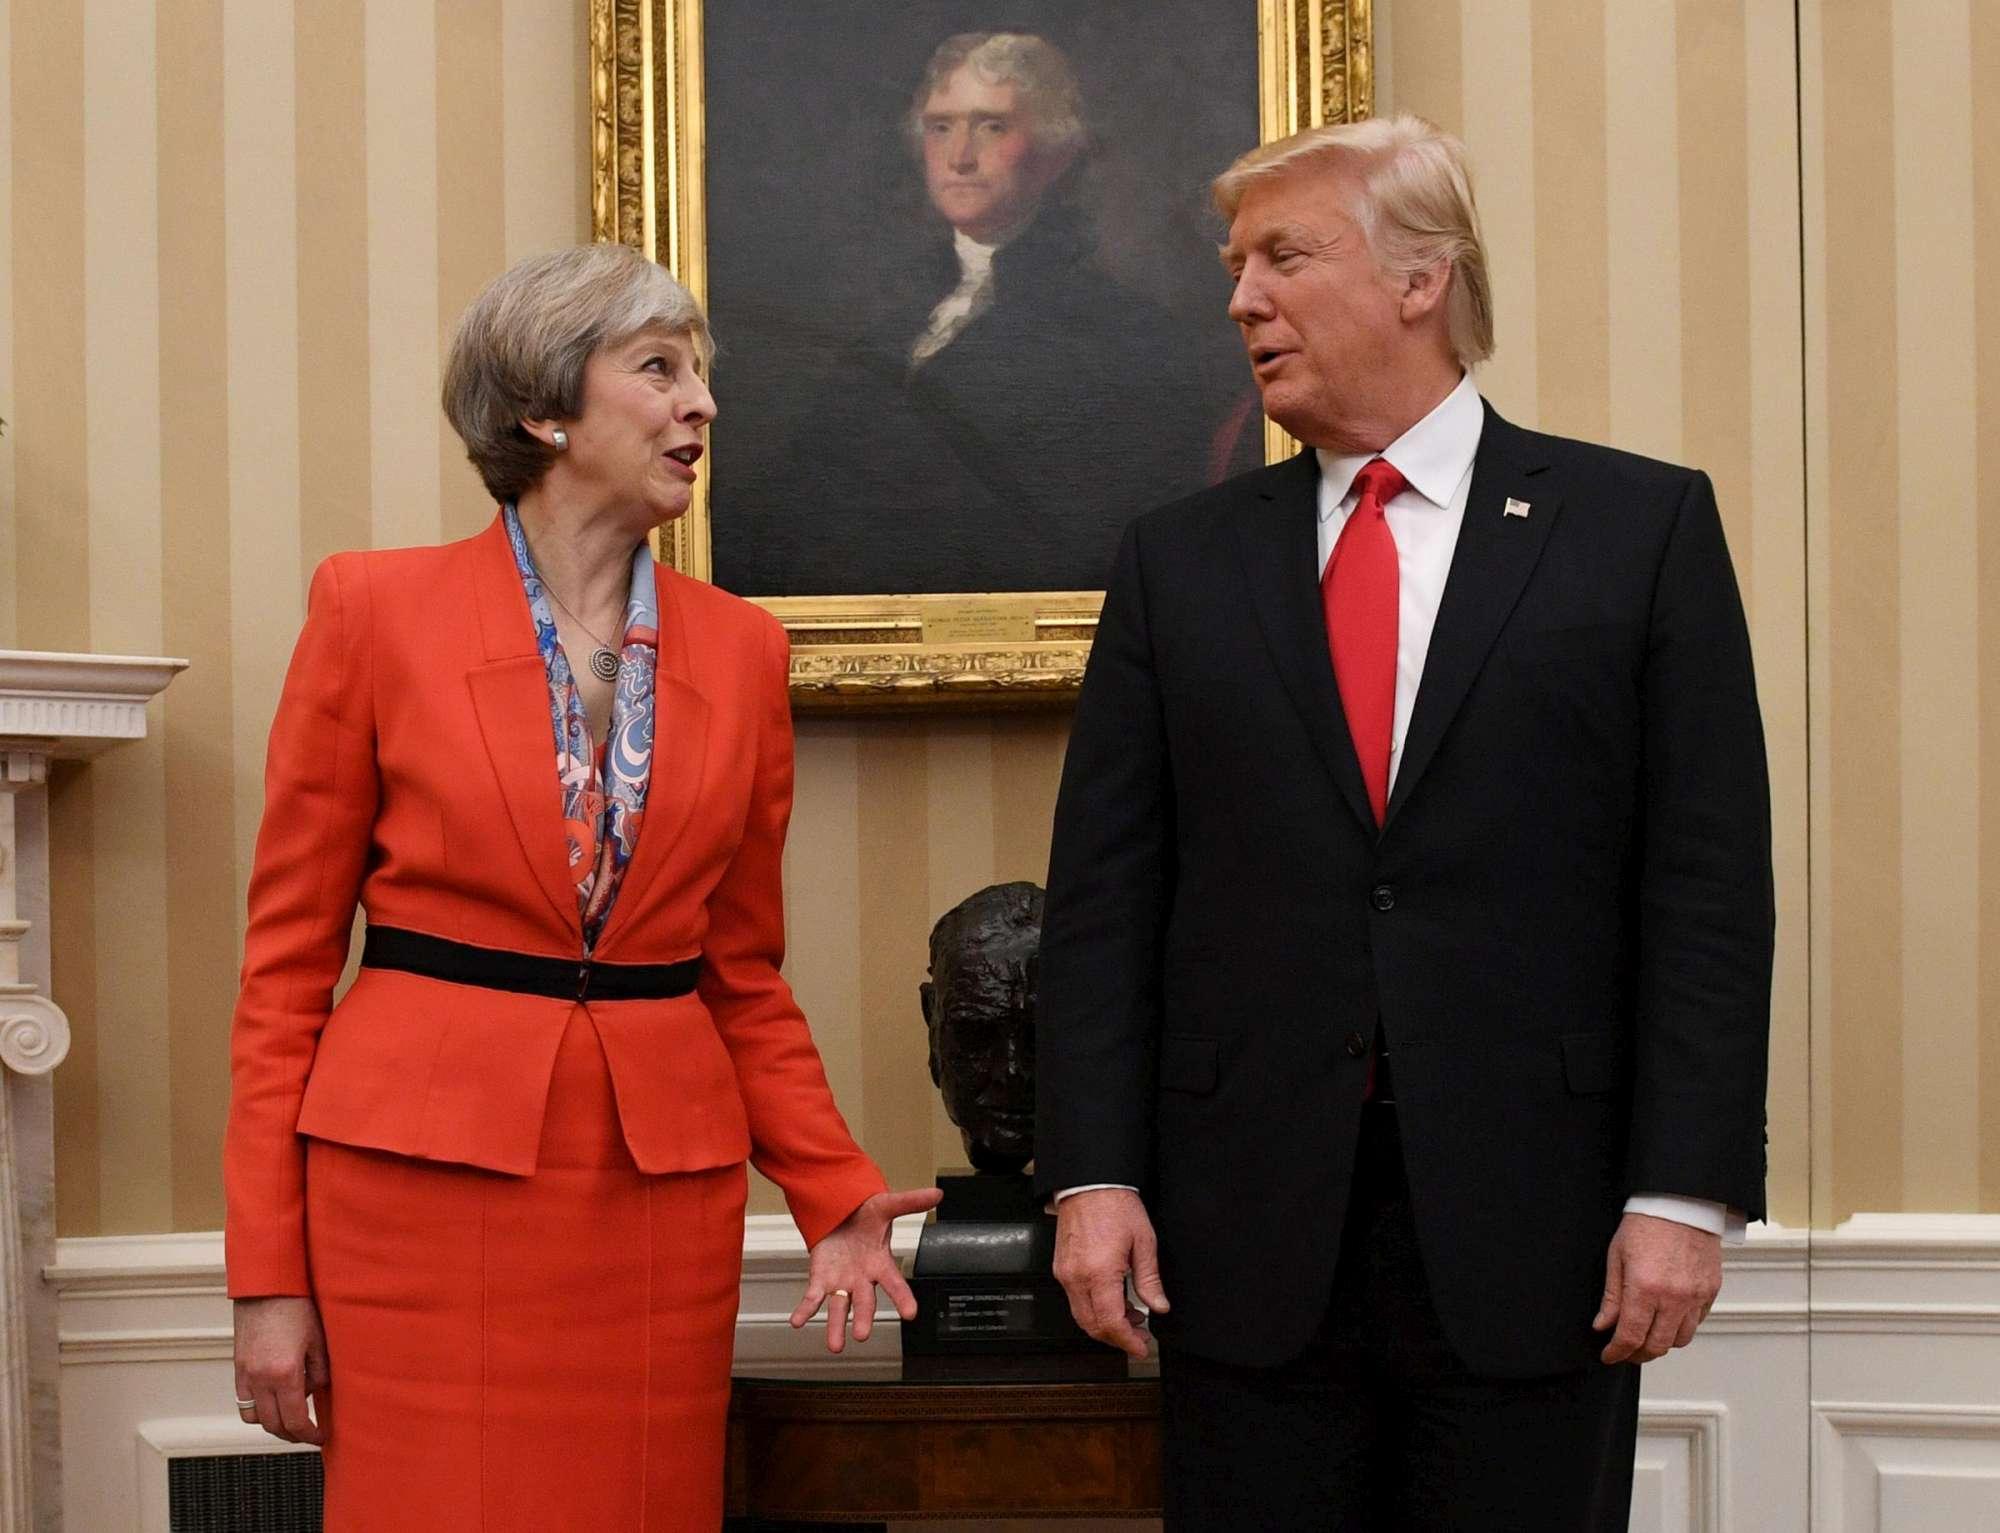 Trump riceve alla Casa Bianca il primo ministro inglese Theresa May